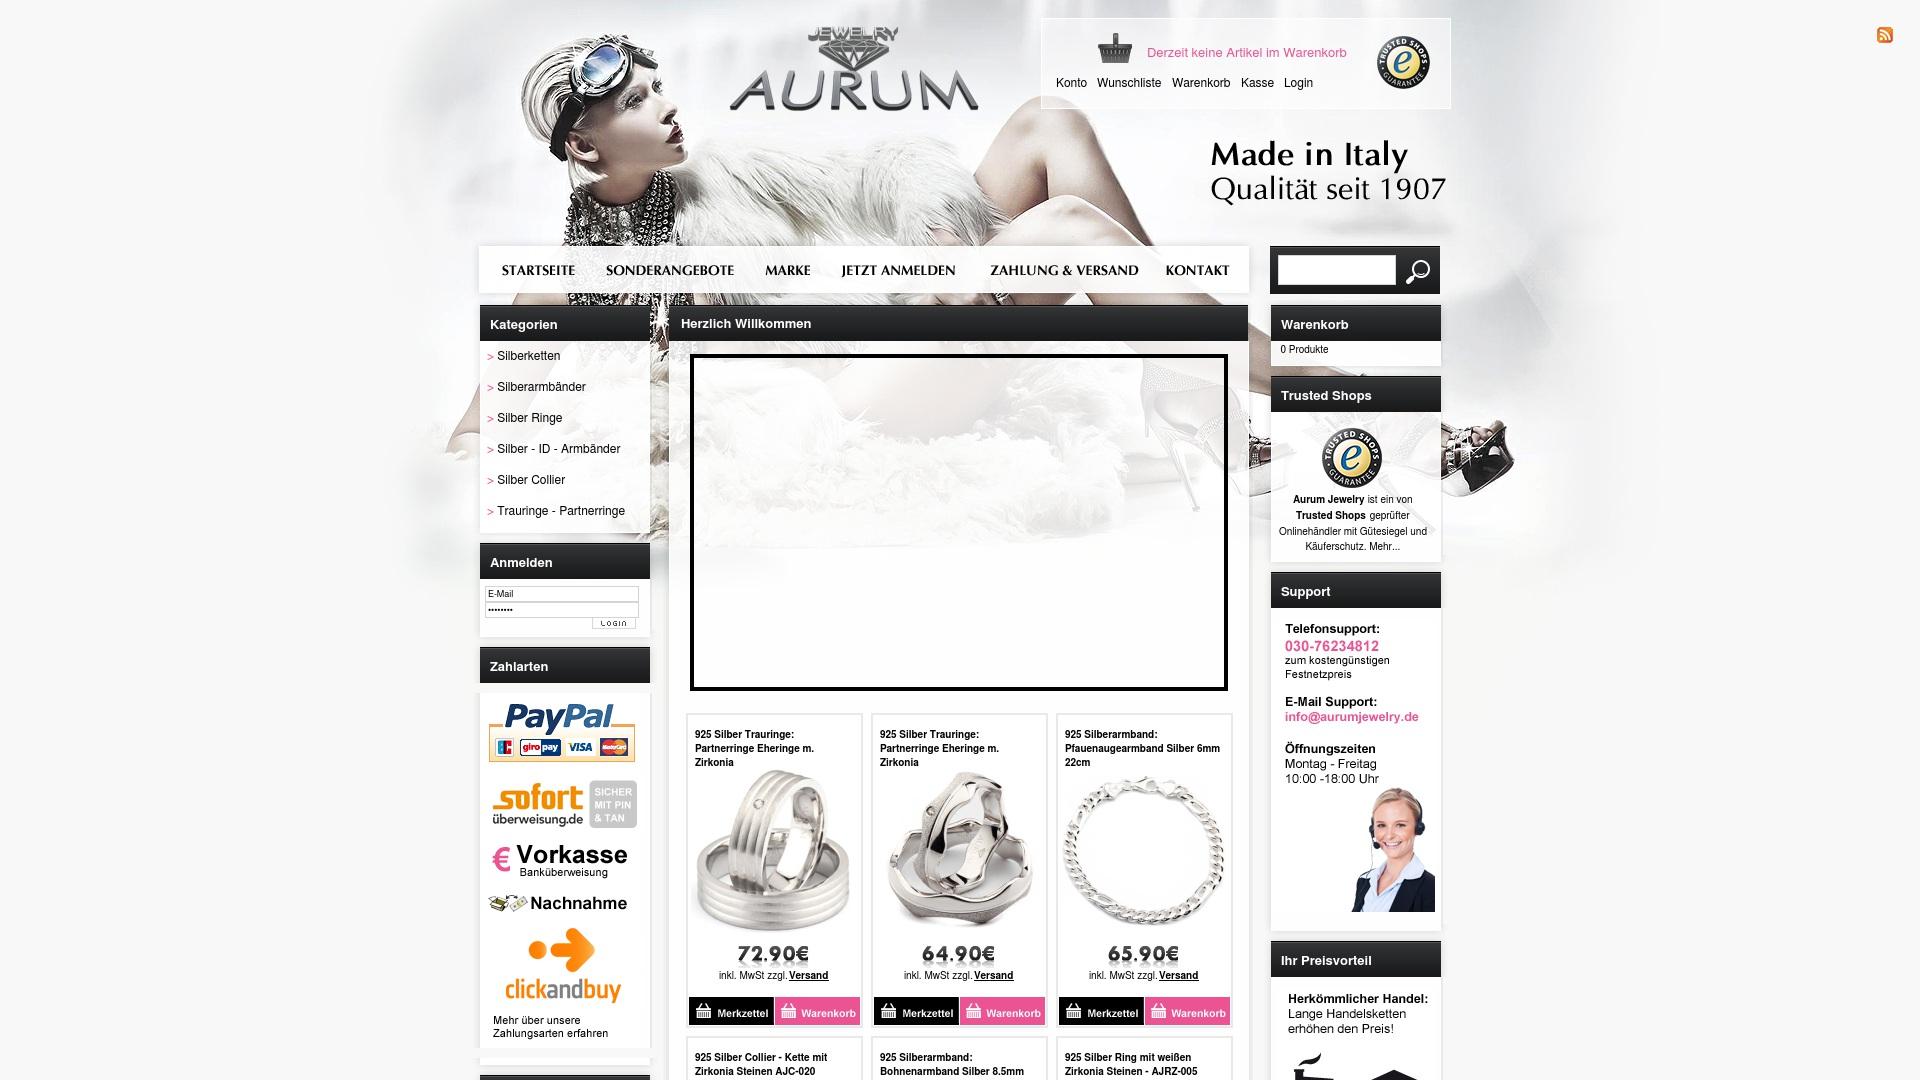 Gutschein für Aurumjewelry: Rabatte für  Aurumjewelry sichern